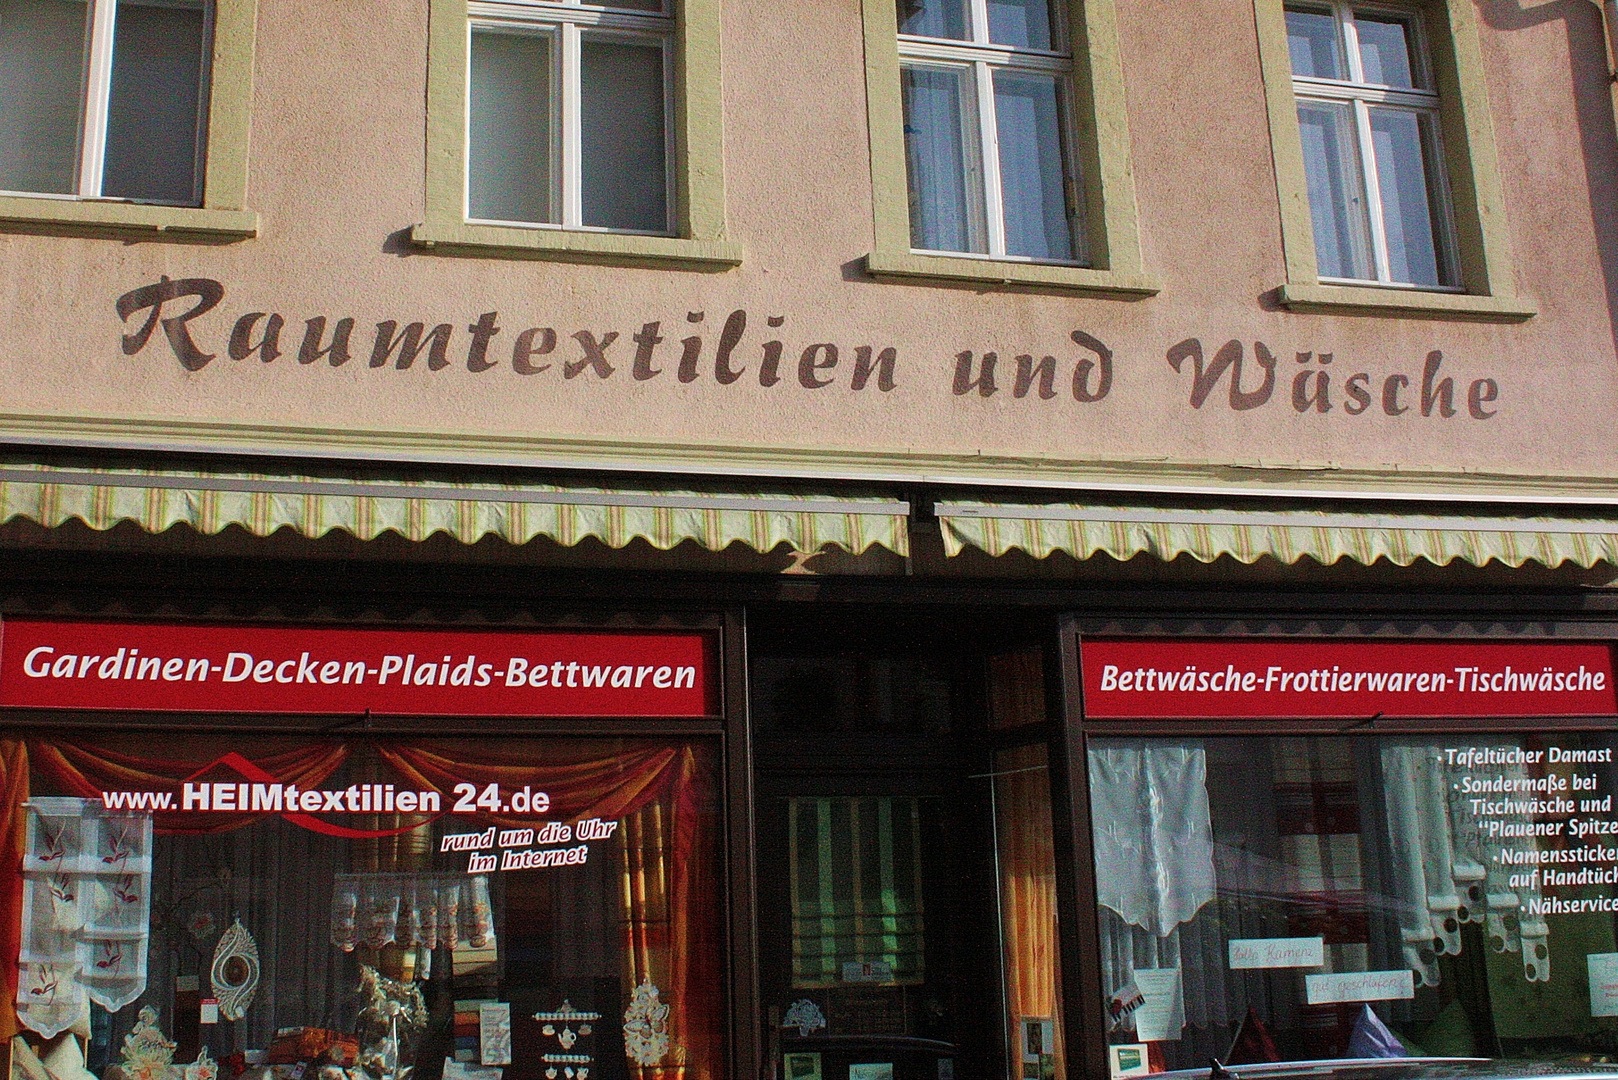 Übersetzung oder Zeitsprung